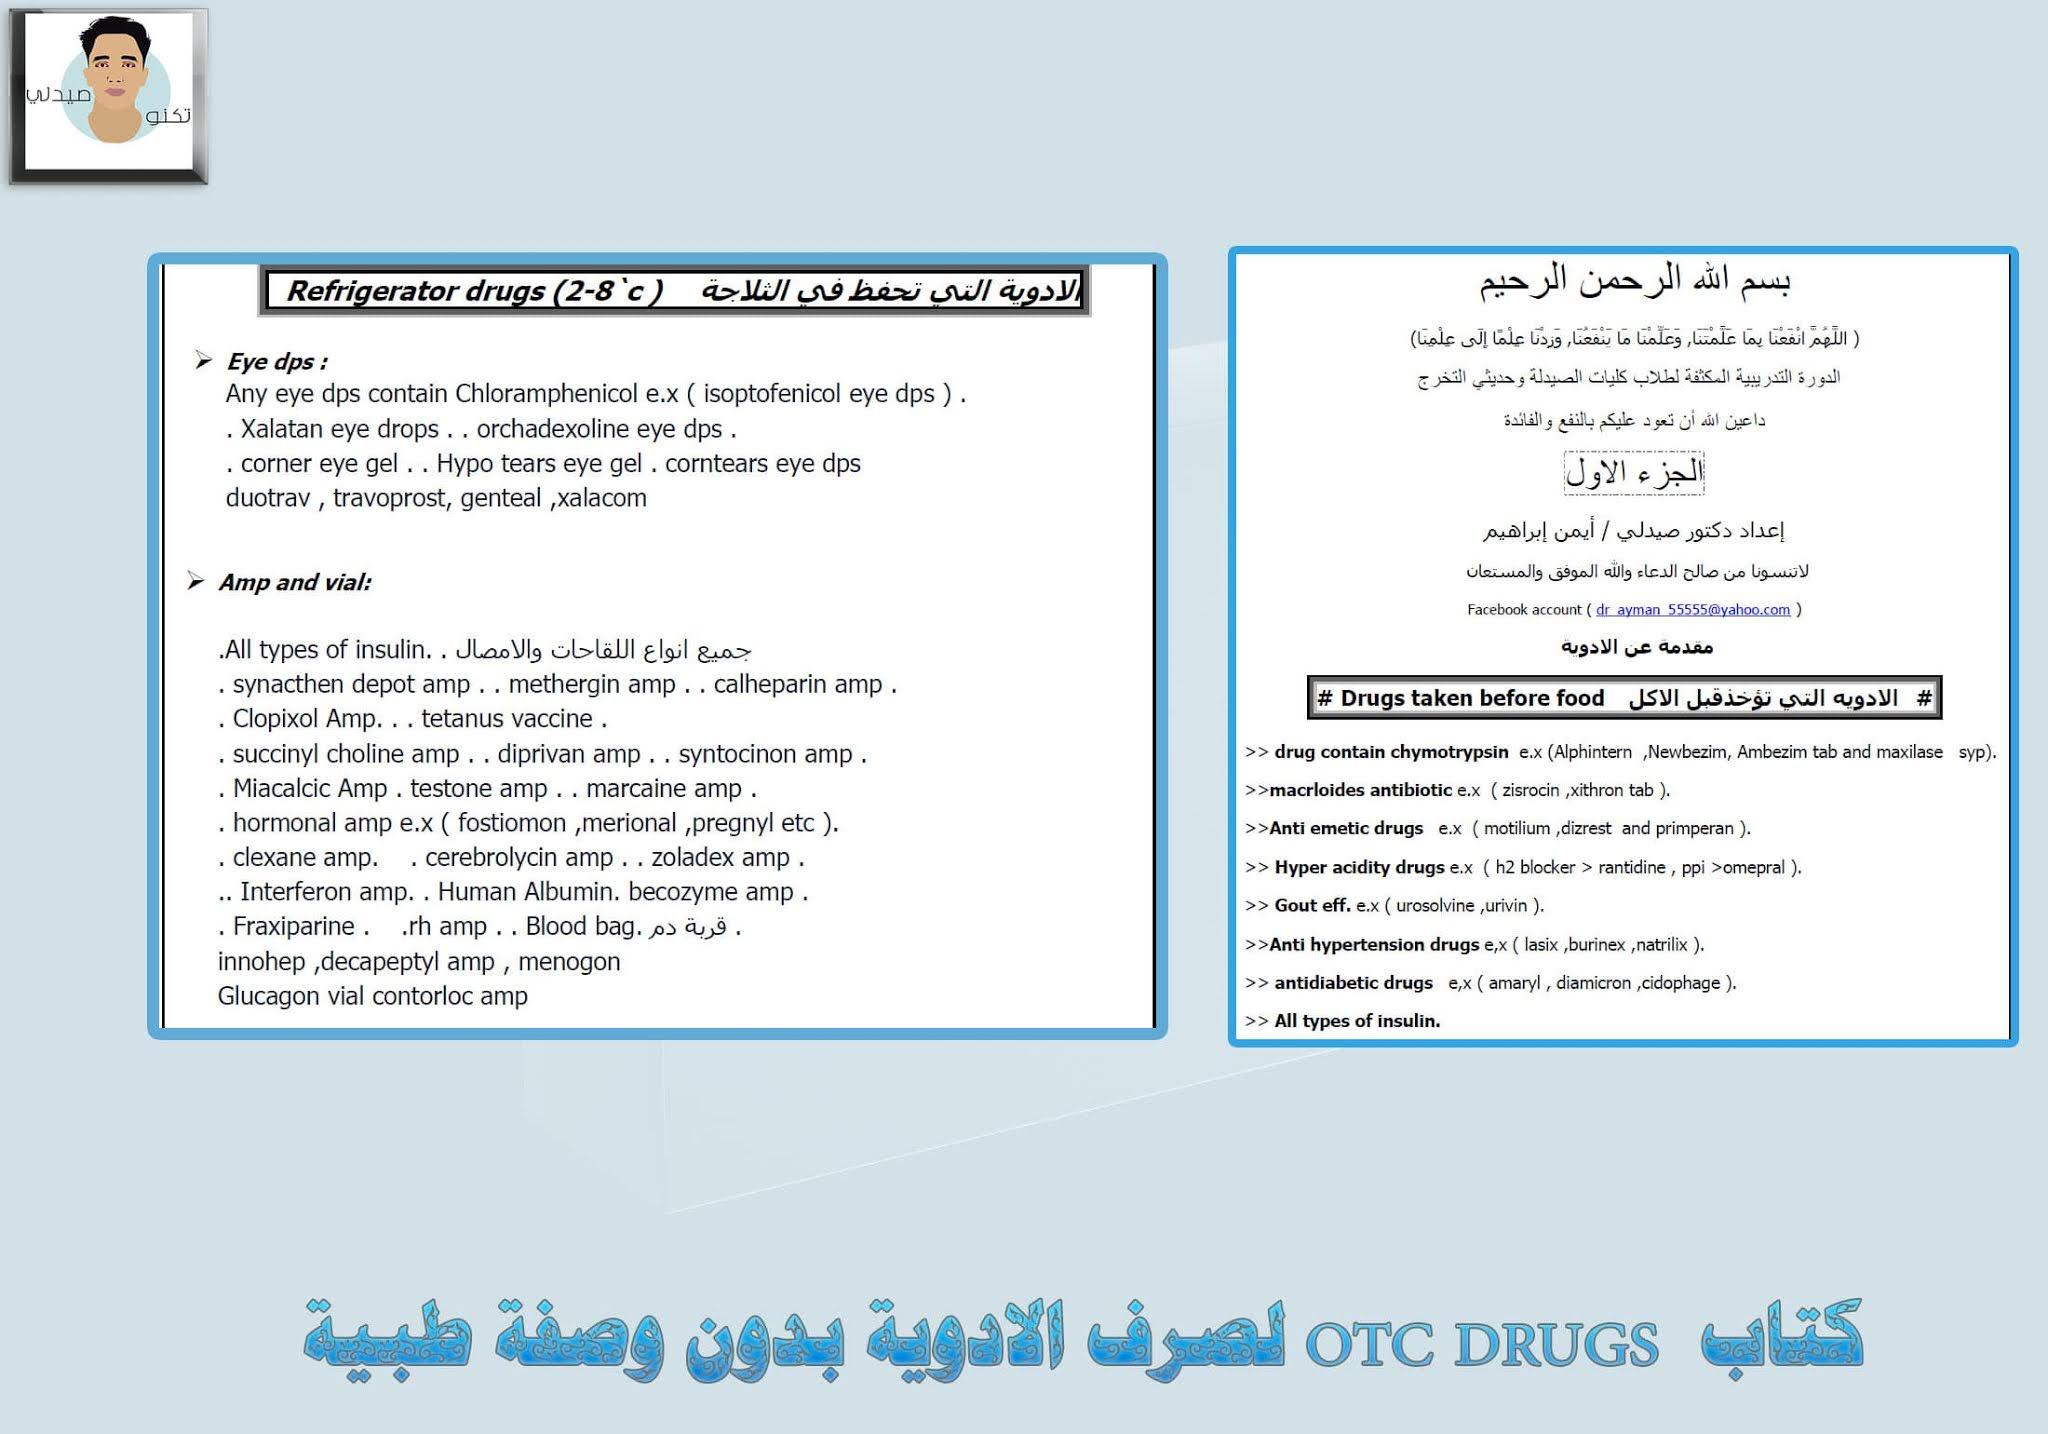 كتاب  OTC DRUGS لصرف الادوية بدون وصفة طبية